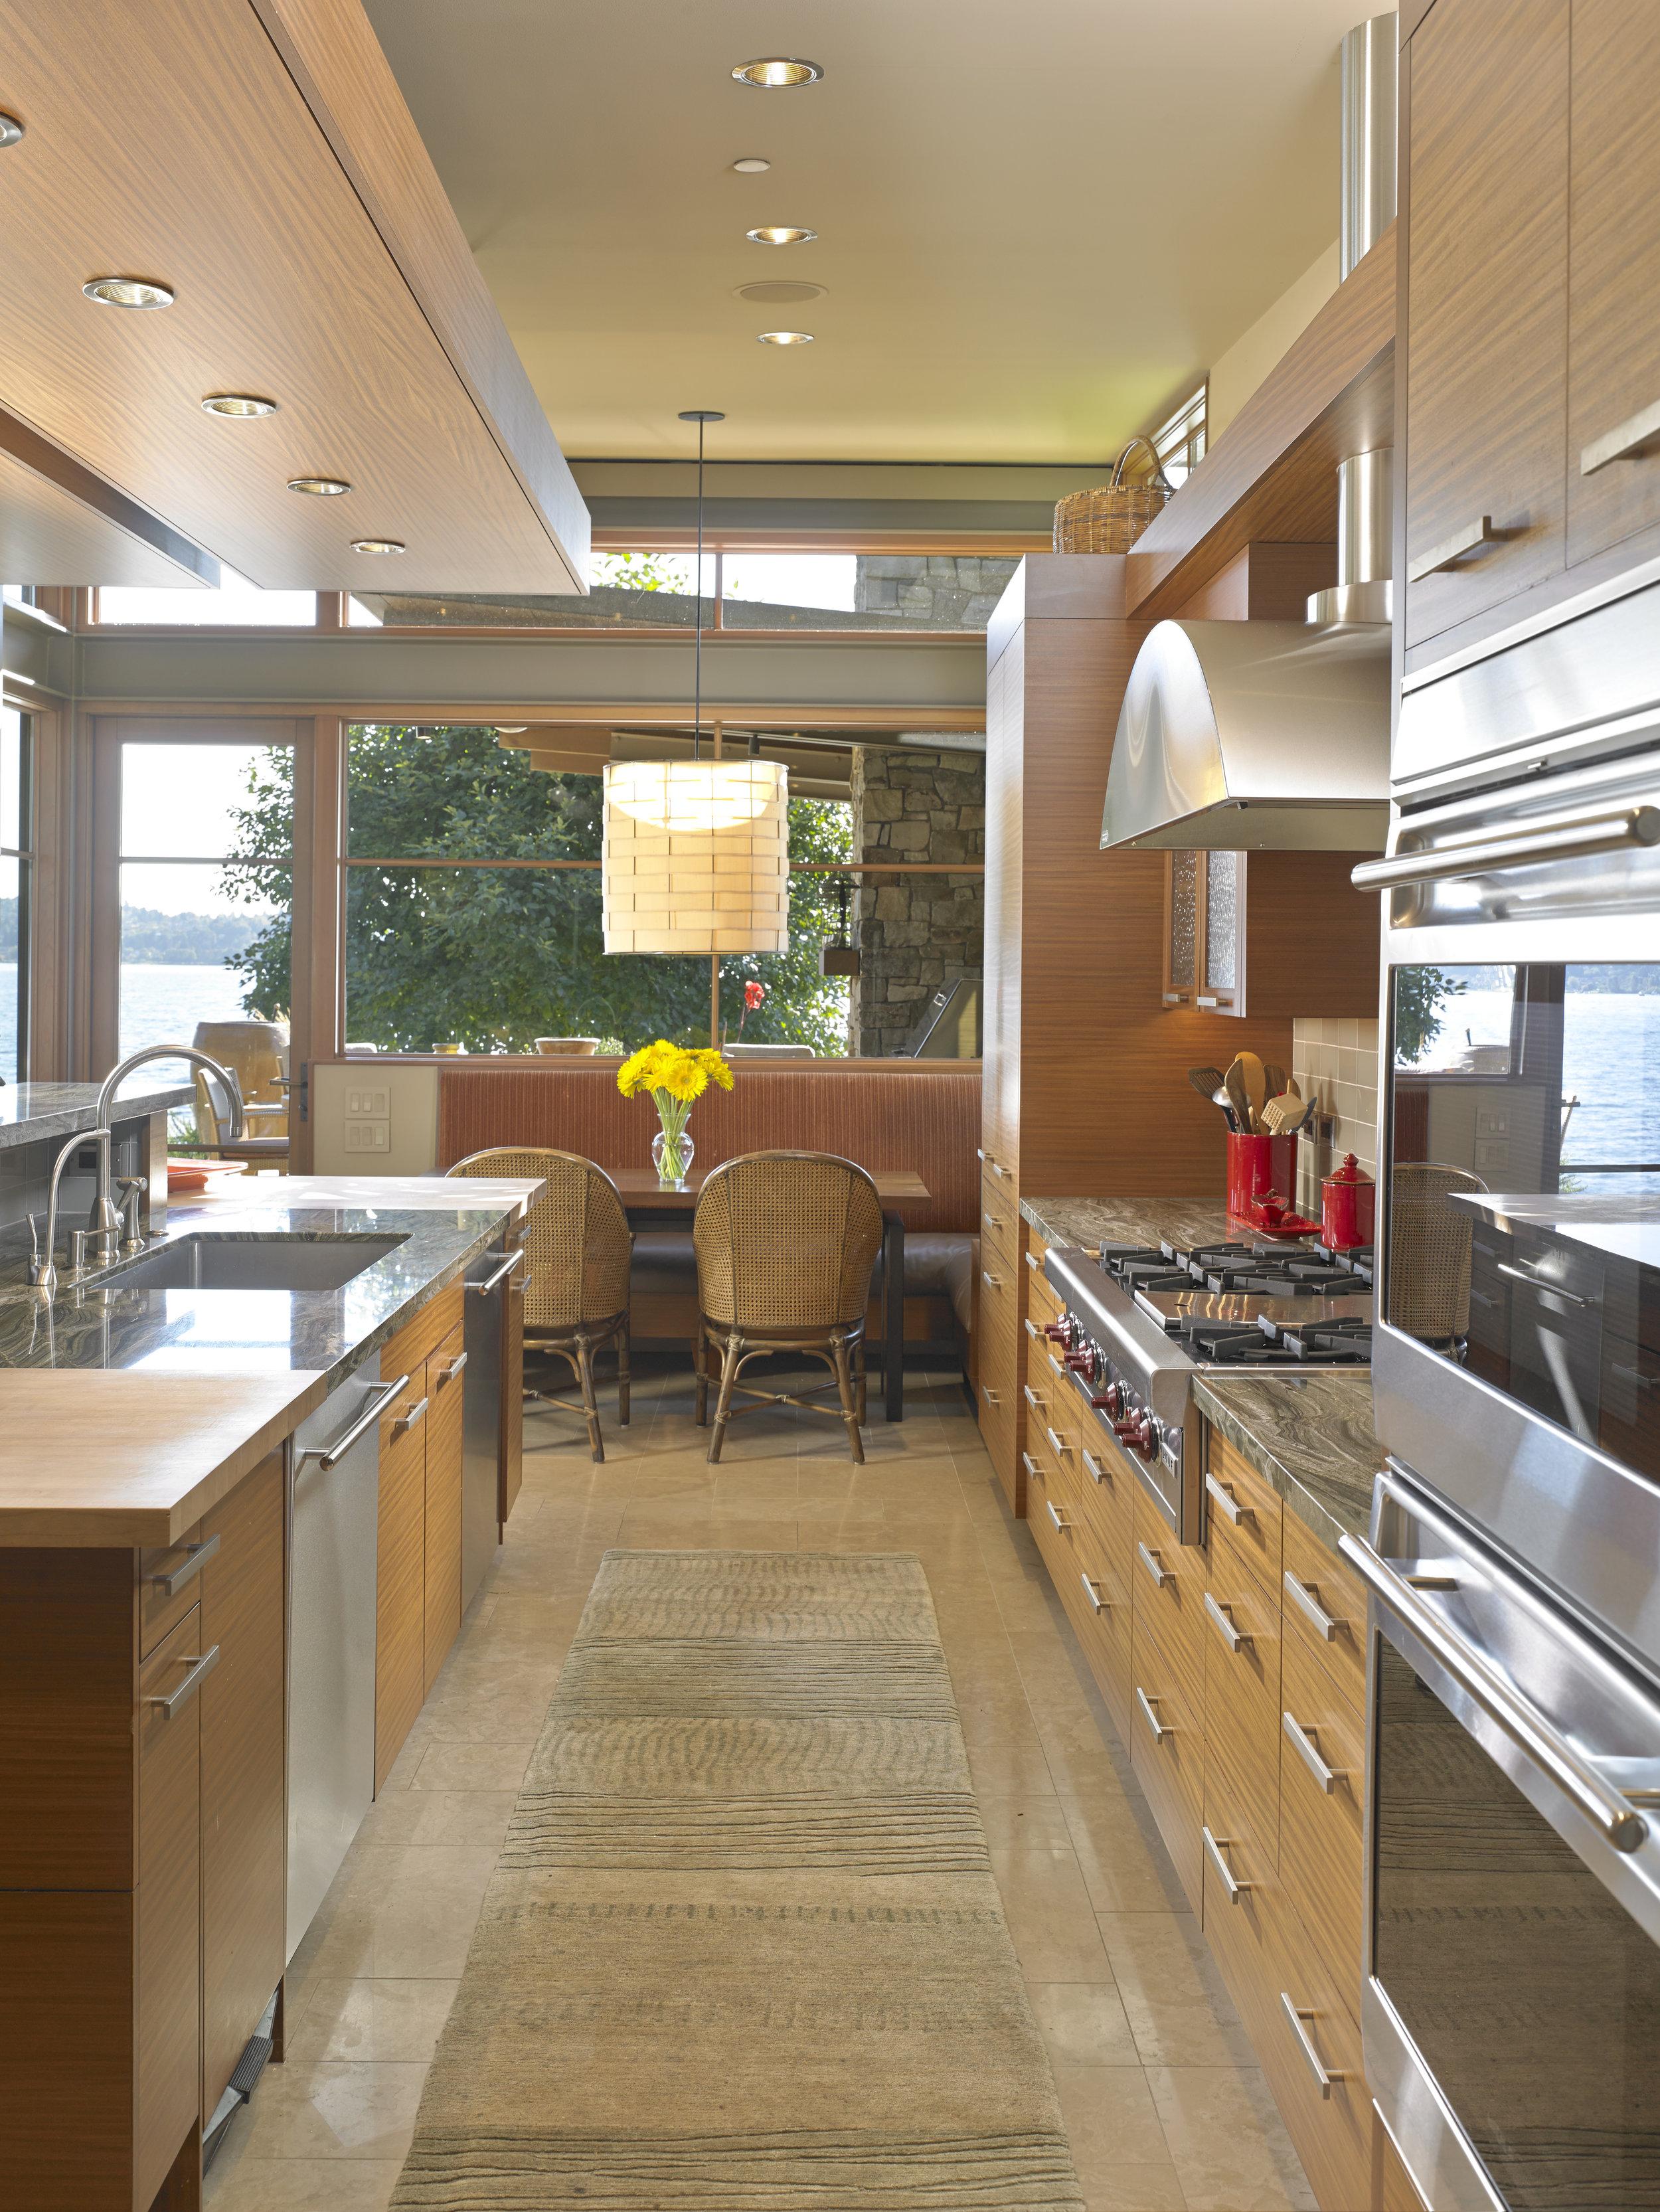 SchulzeRes_Kitchen-2.jpg